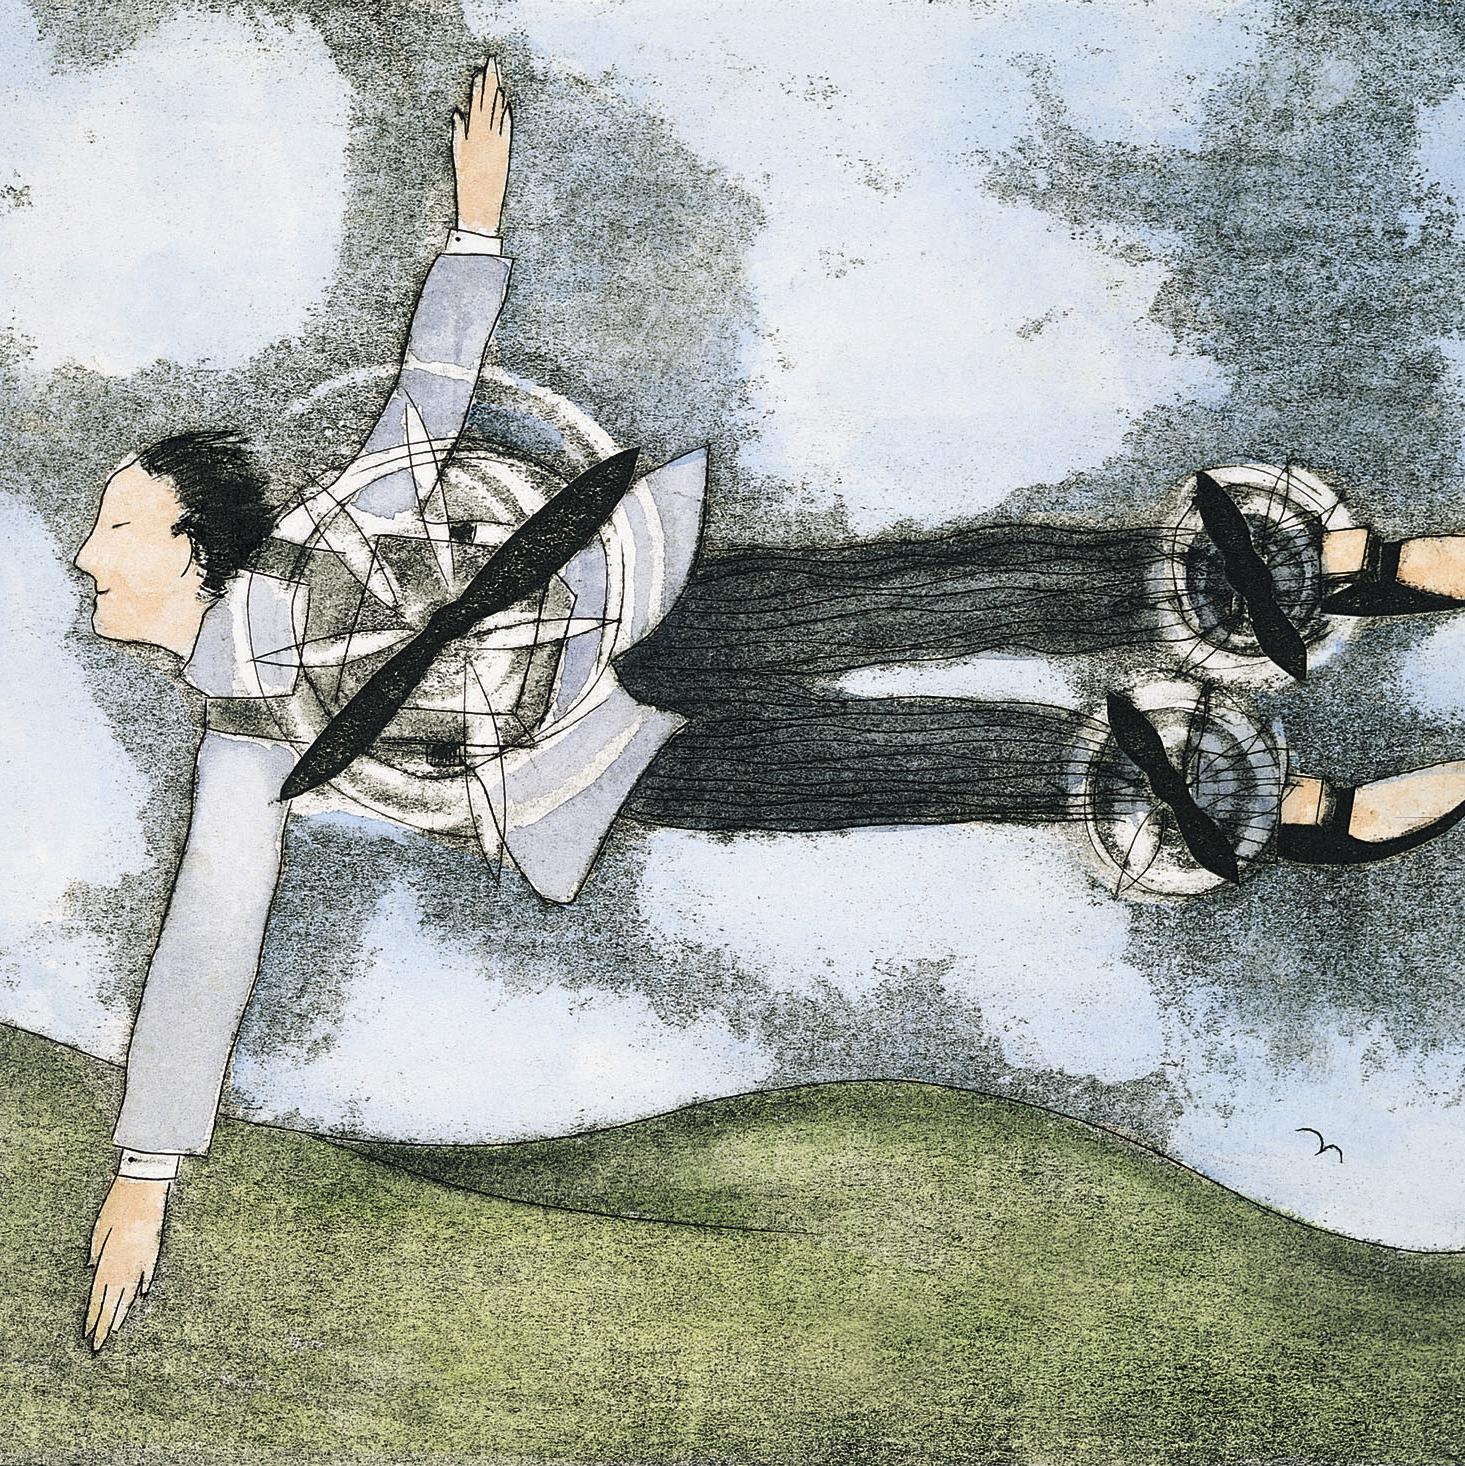 Iemand met een motortje op de rug zweeft boven het landschap als metafoor voor organisatieadvies